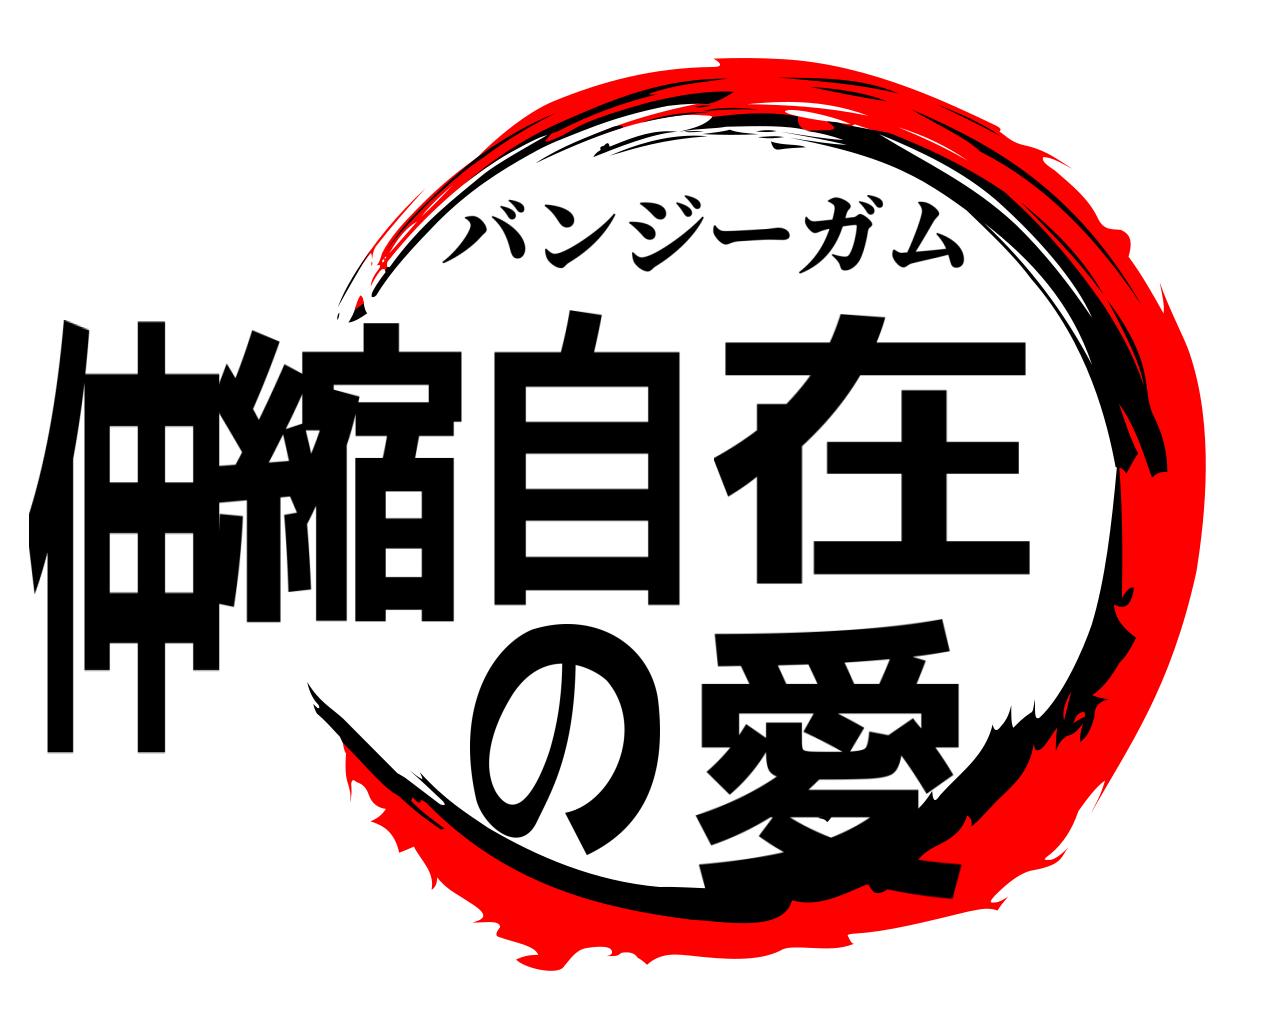 ガム バンジー 五条悟「無量空処」ヒソカ「バンジーガム」漫画の能力ですごく「面白いと思ったもの」は何?【海外の反応】